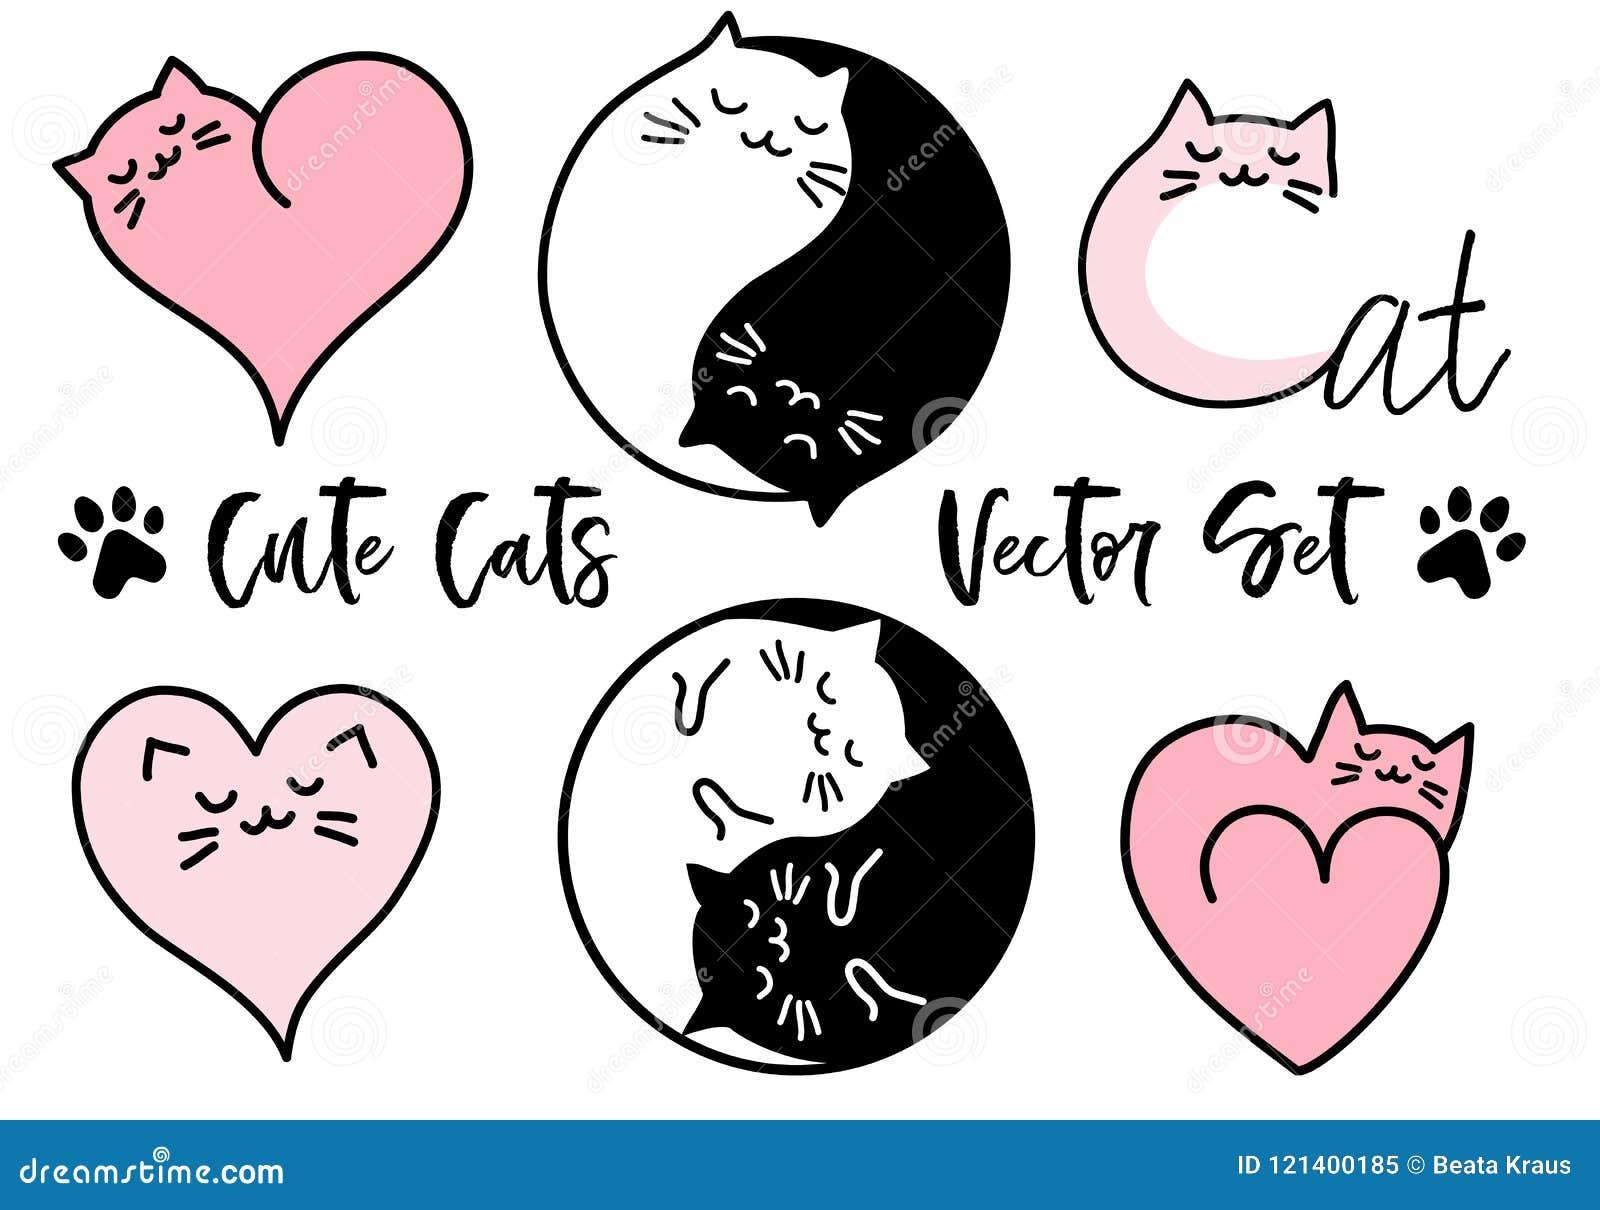 Cute yin yang cats, vector set